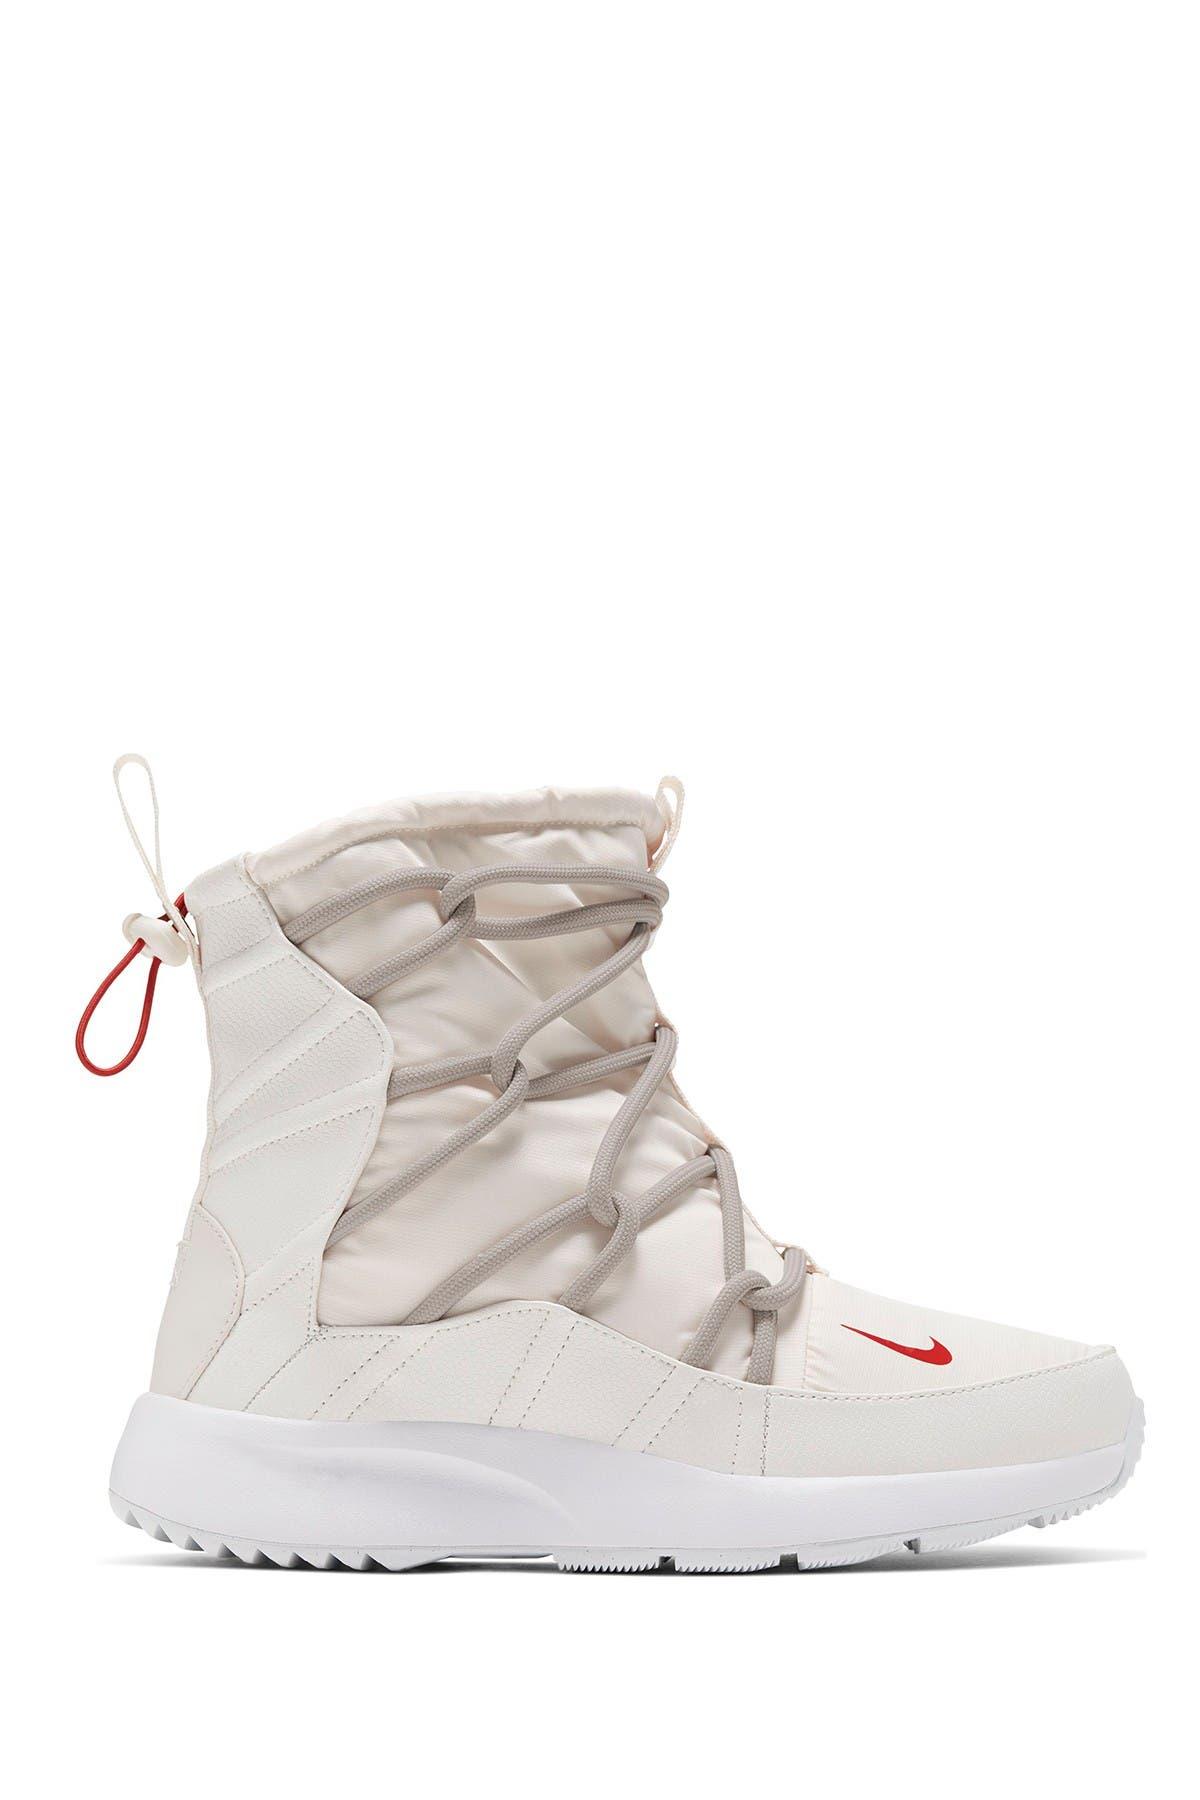 Nike | Tanjun High Rise Boot